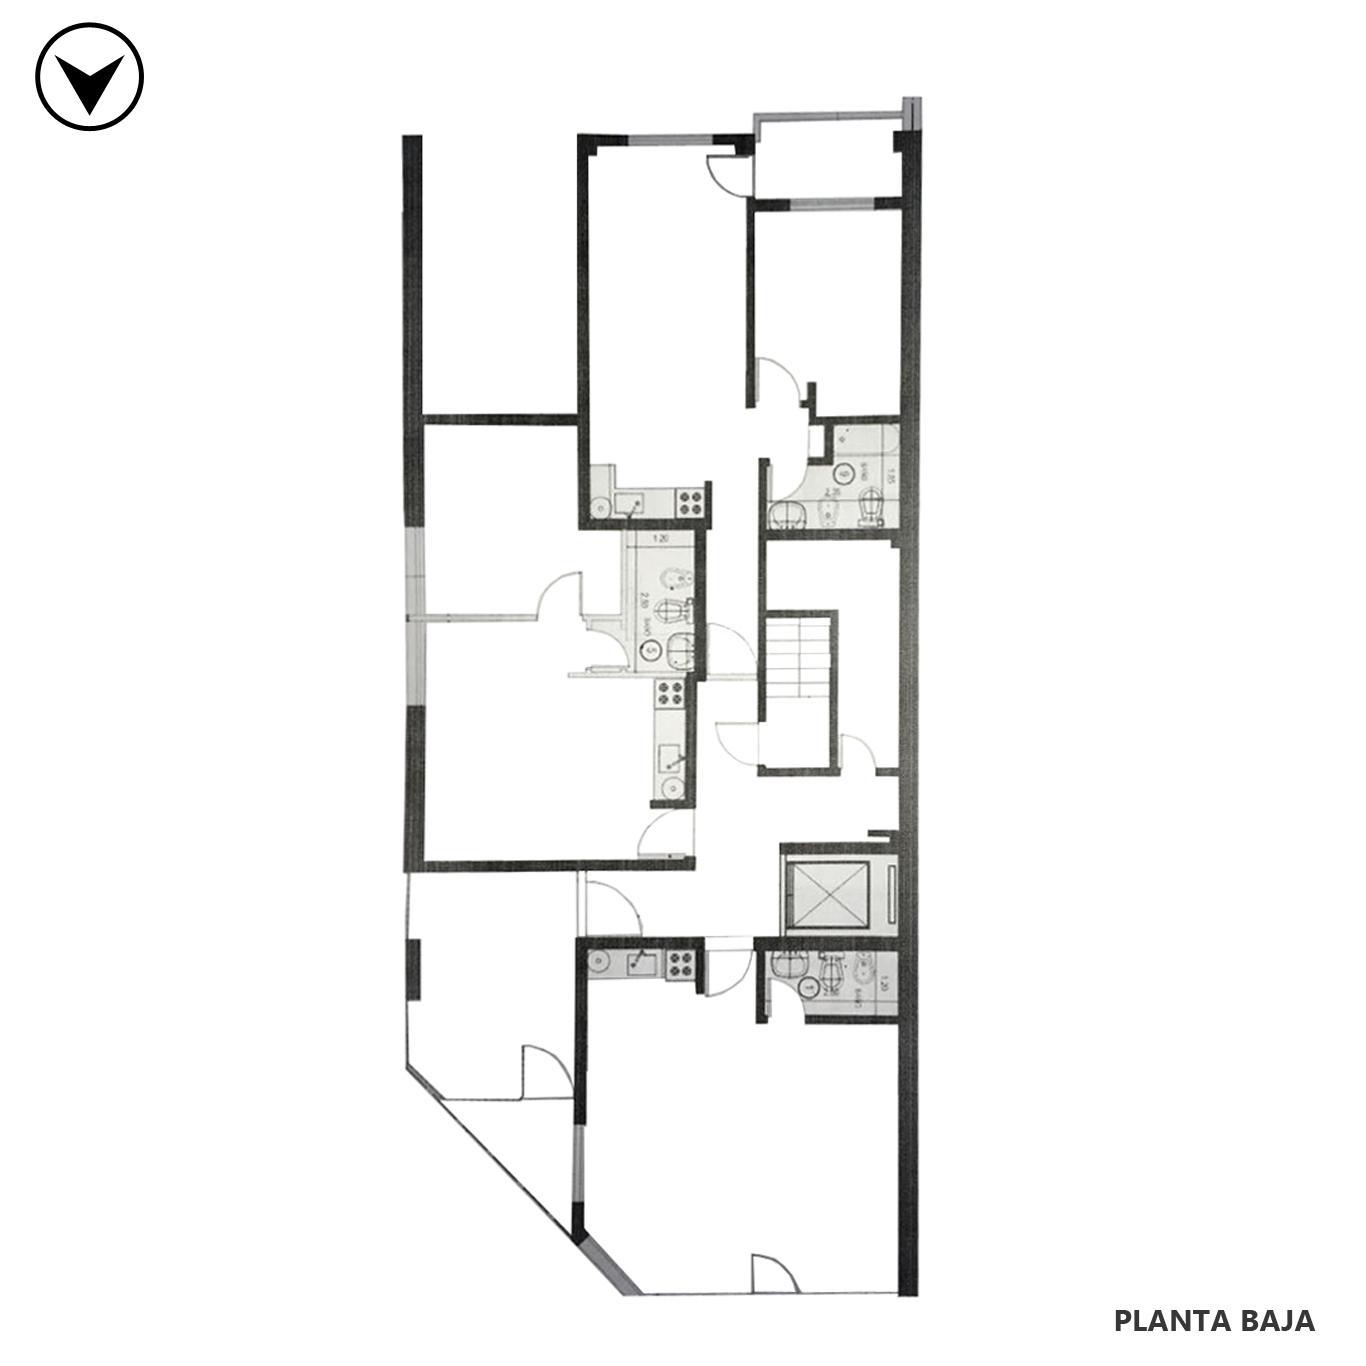 Venta departamento 1 dormitorio Rosario, Luis Agote. Cod CBU25351 AP2354596. Crestale Propiedades